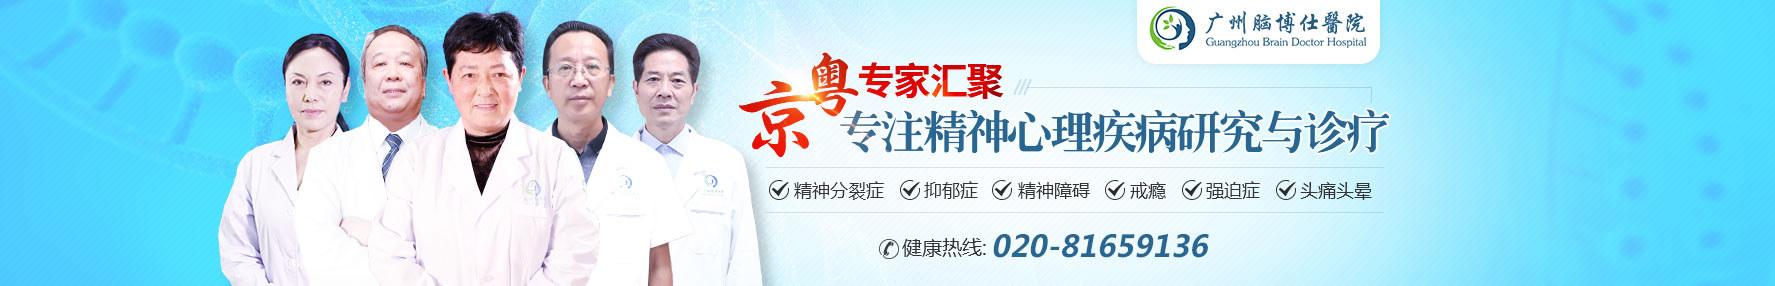 广州治疗精神色天使在线视频在线视频偷国产精品